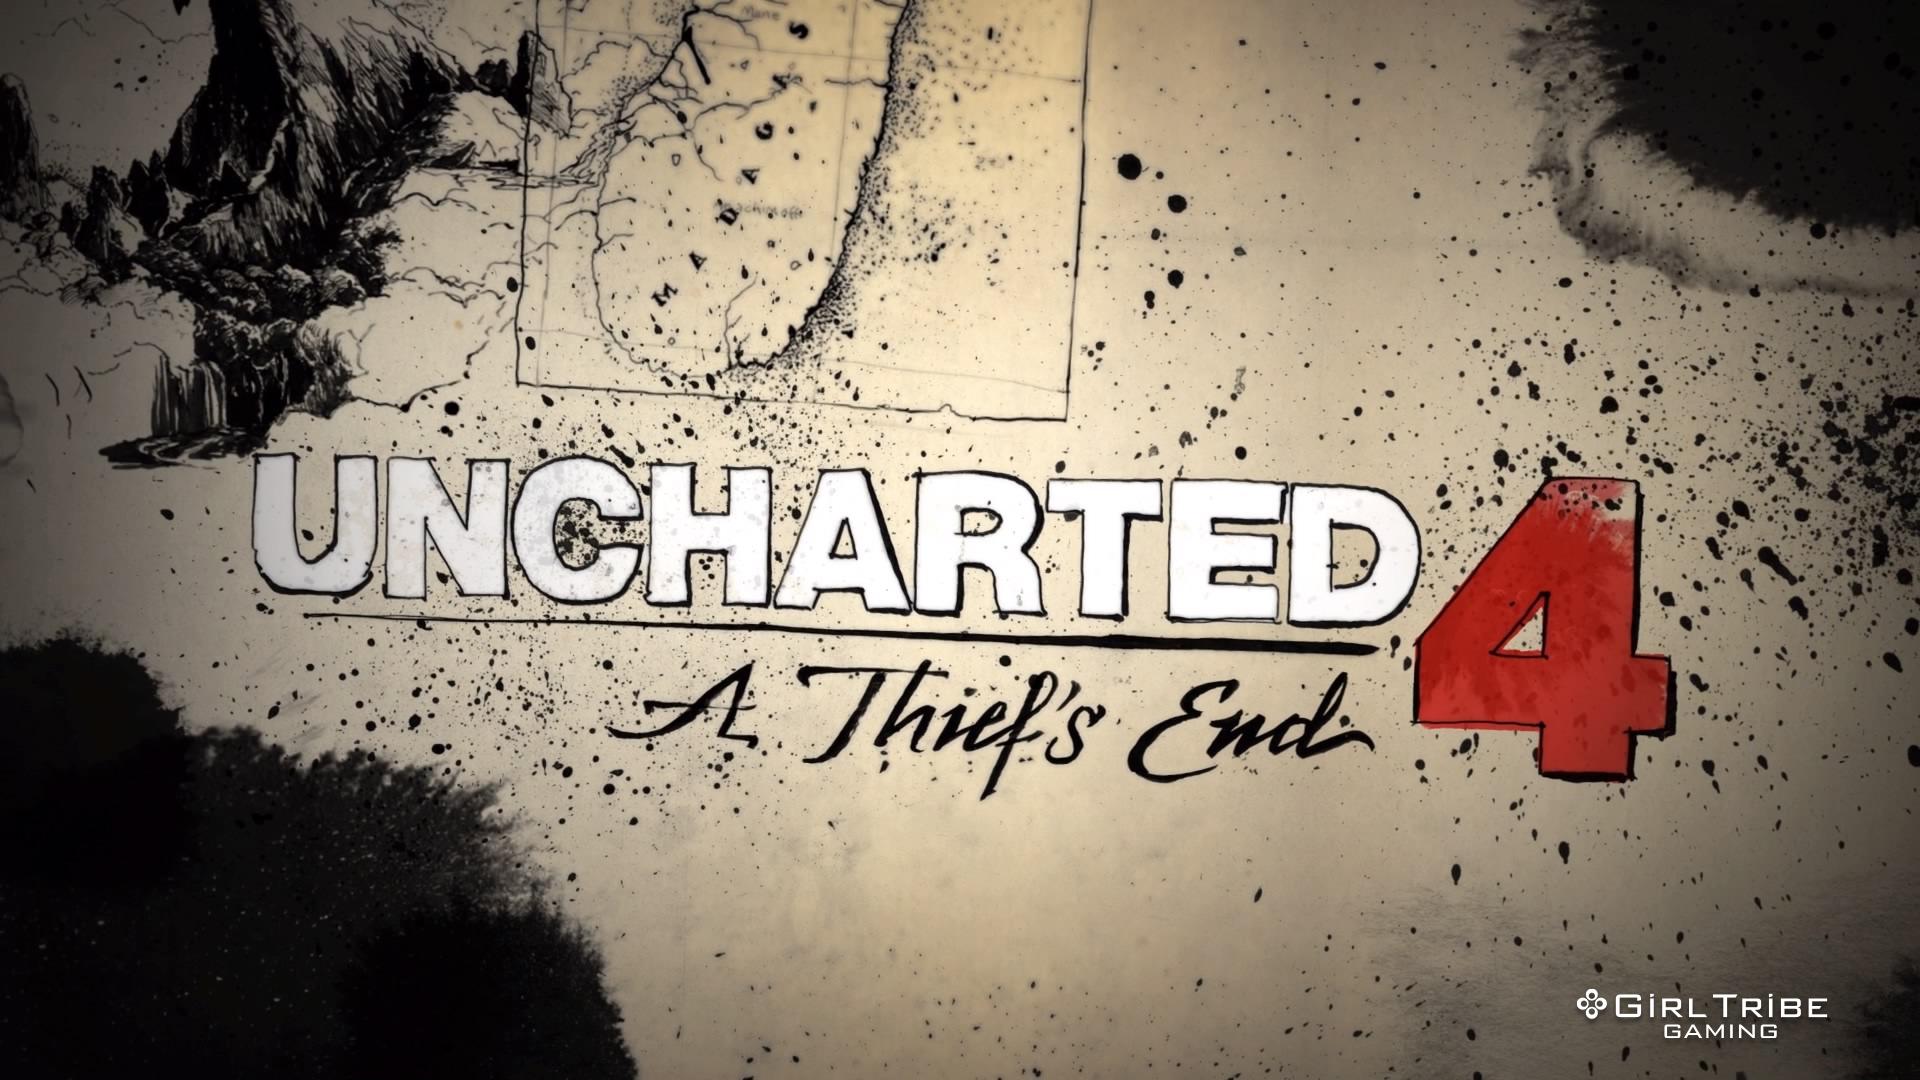 Uncharted-4-Screenshot-8-w.jpg